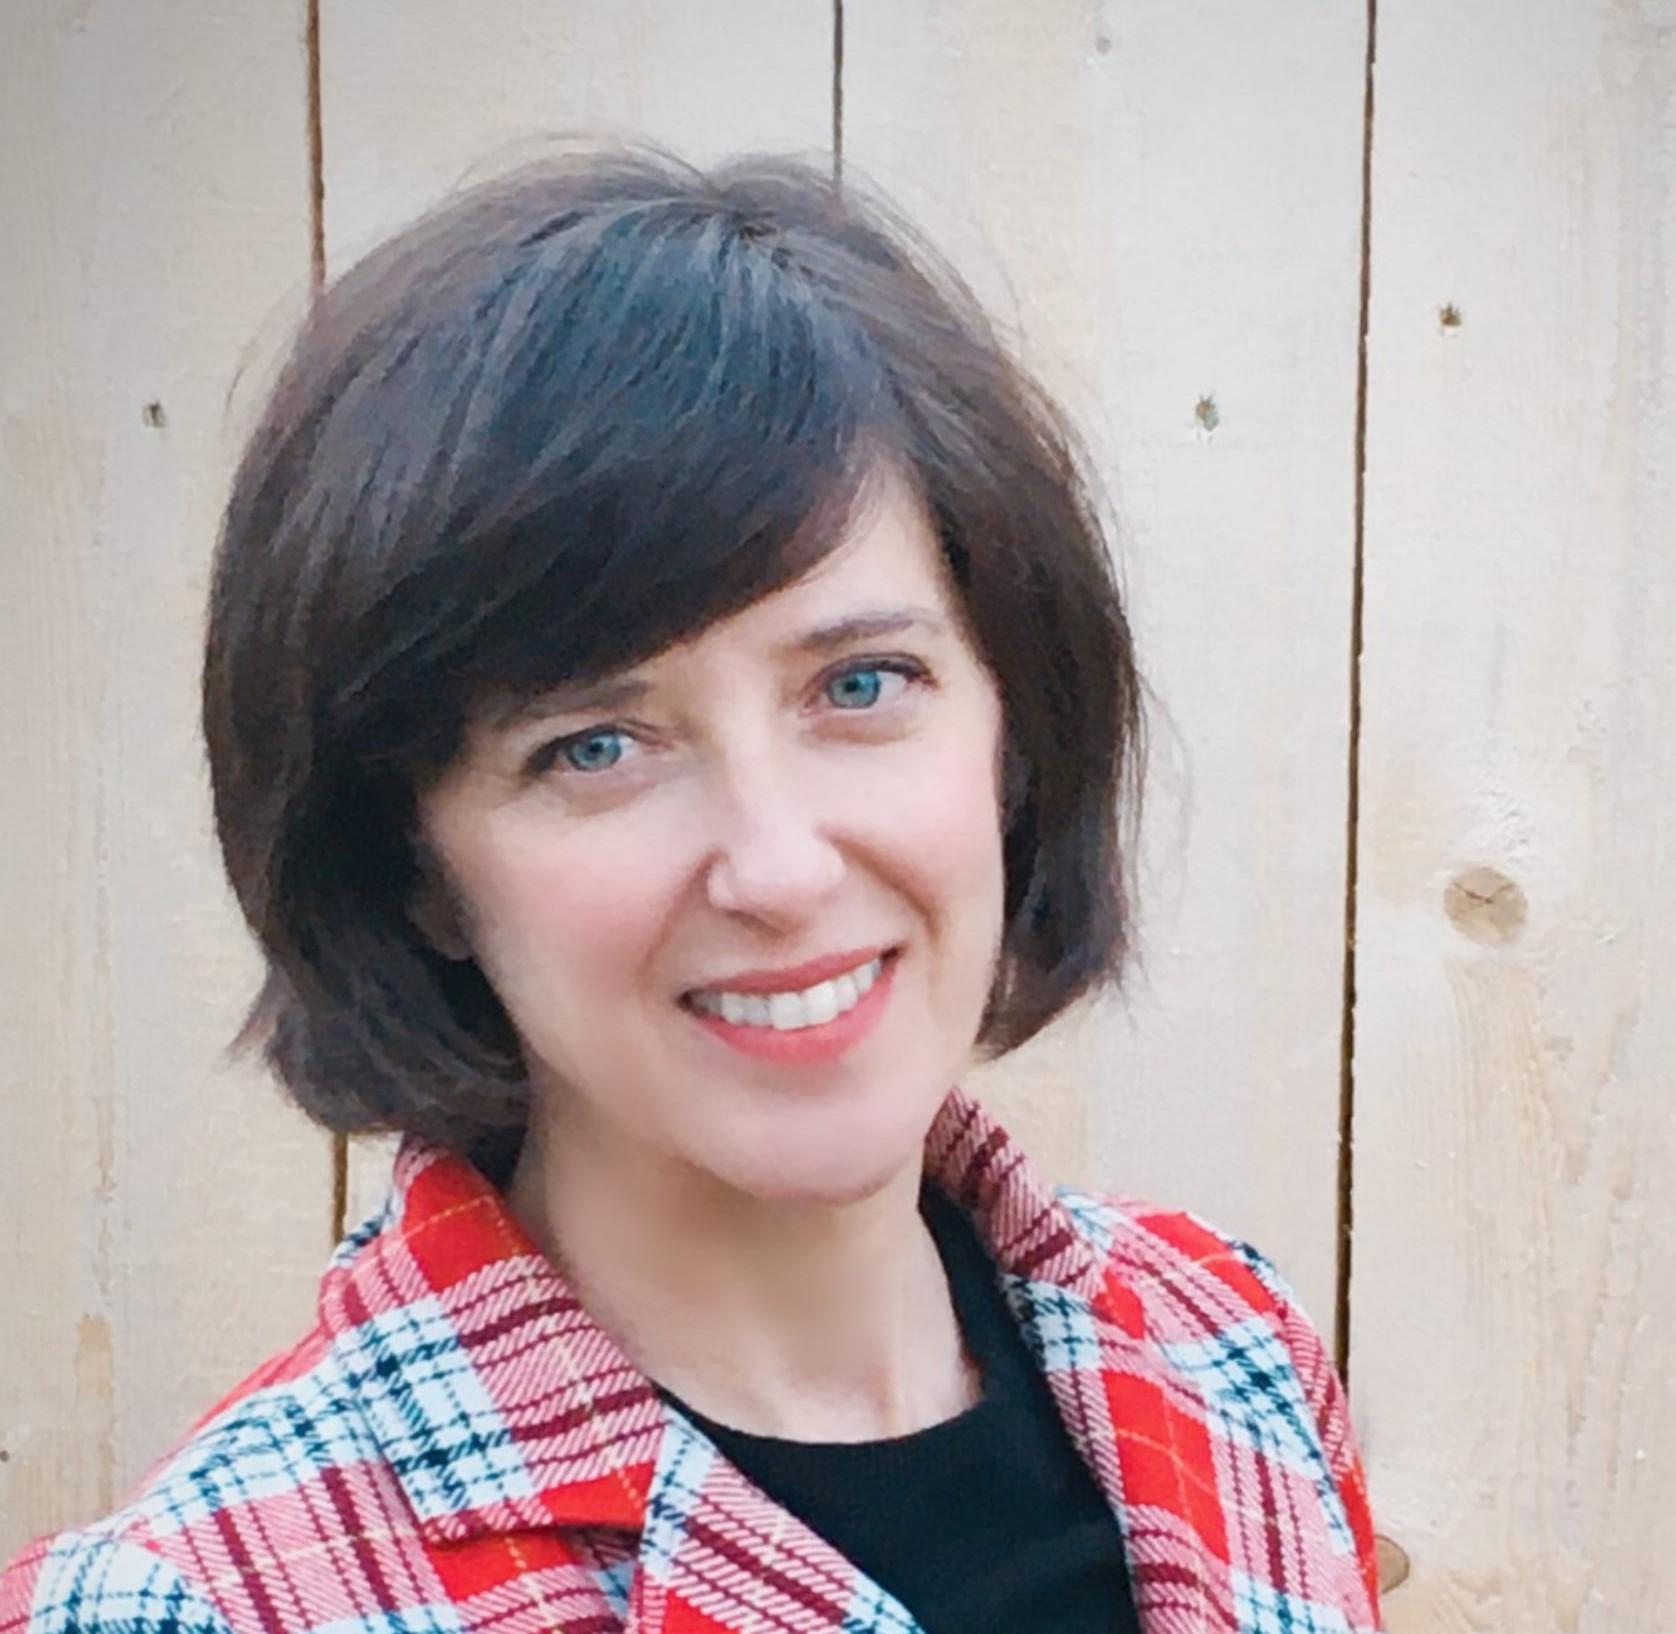 Michelle Sherbinow